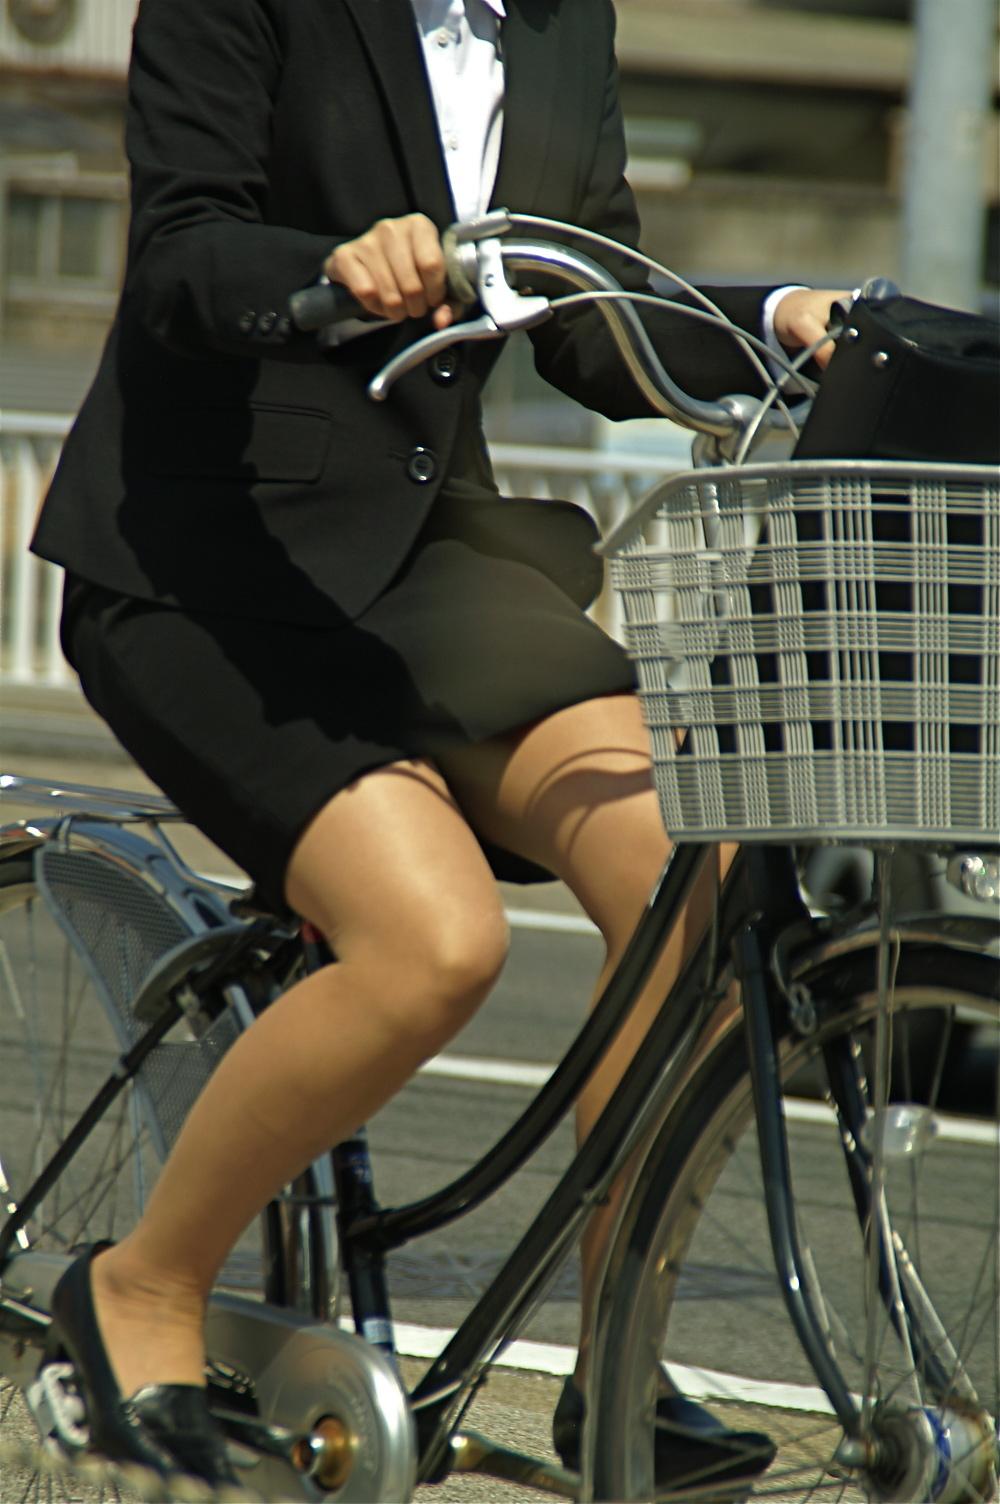 まんまと三角パンチラした自転車OL盗撮エロ画像5枚目